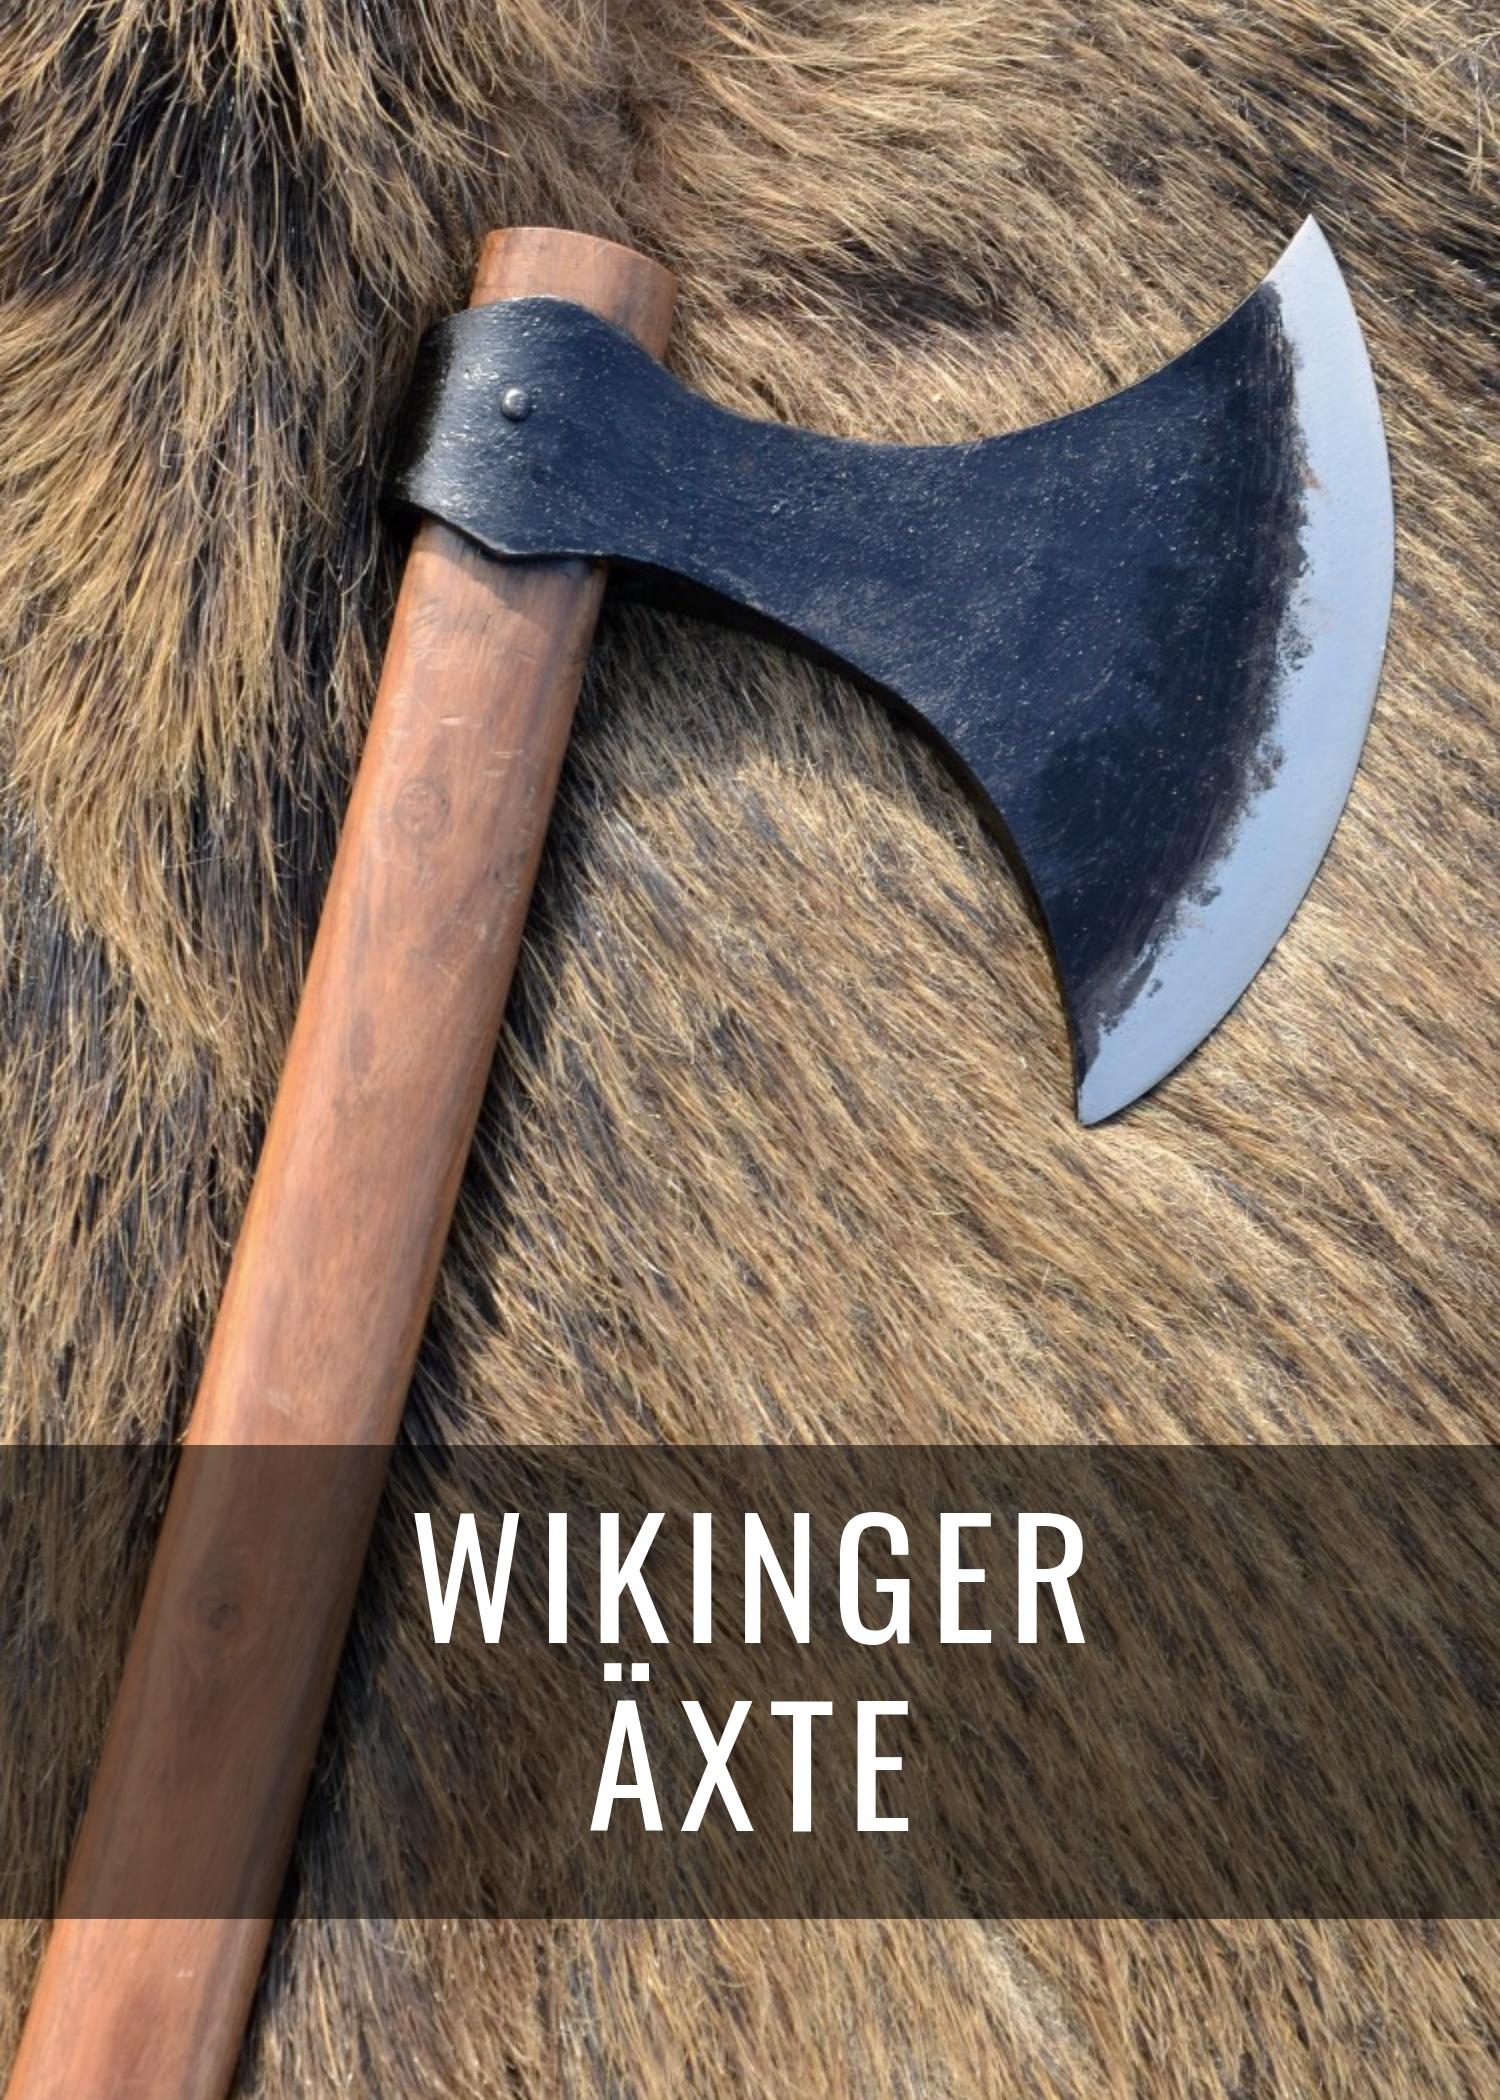 Alle Wikinger-Äxte auf einen Blick: Wurfaxt, Bartaxt oder Dänenaxt